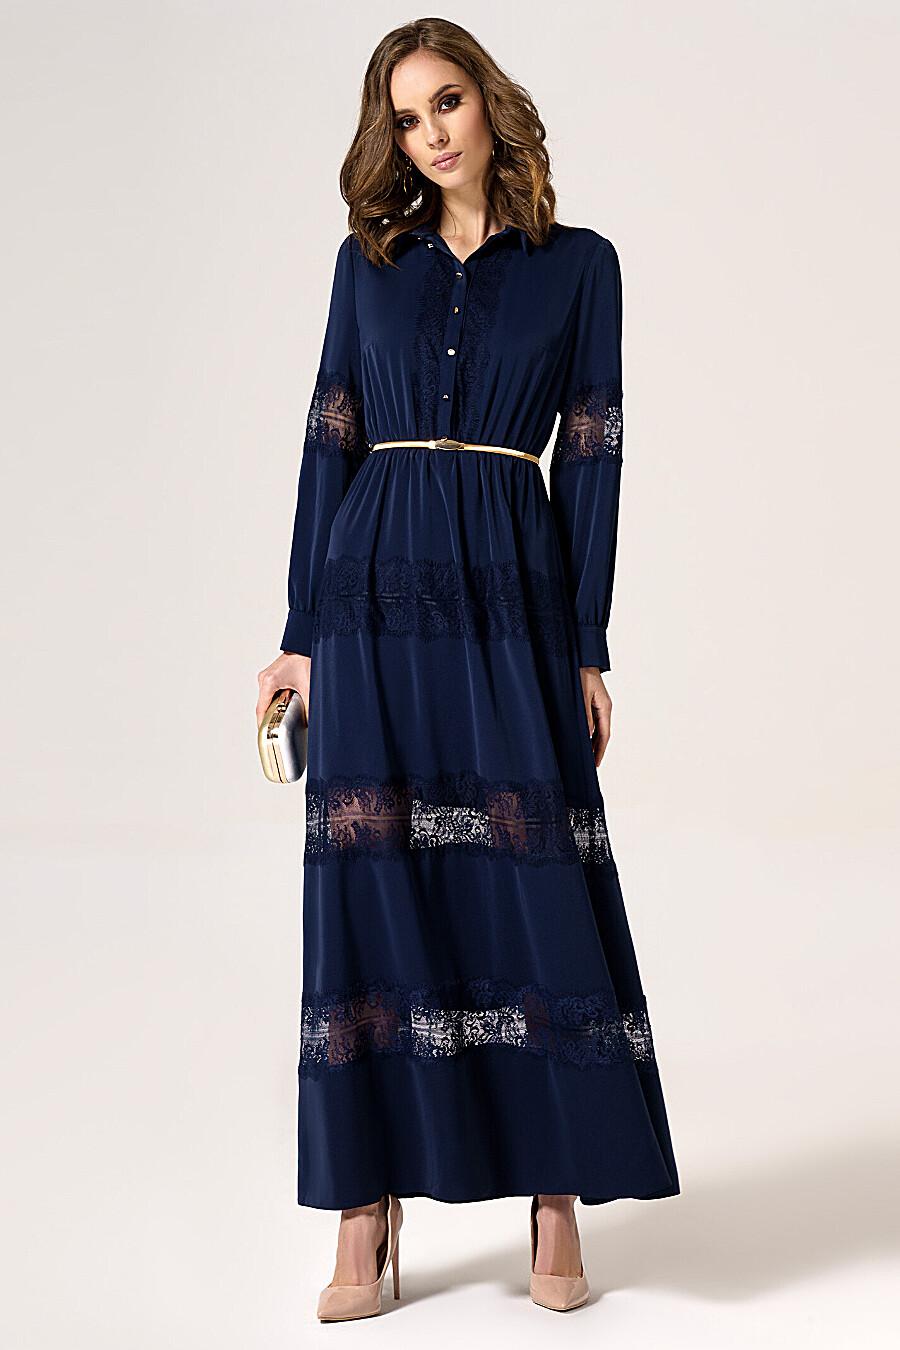 Платье для женщин PANDA 700497 купить оптом от производителя. Совместная покупка женской одежды в OptMoyo